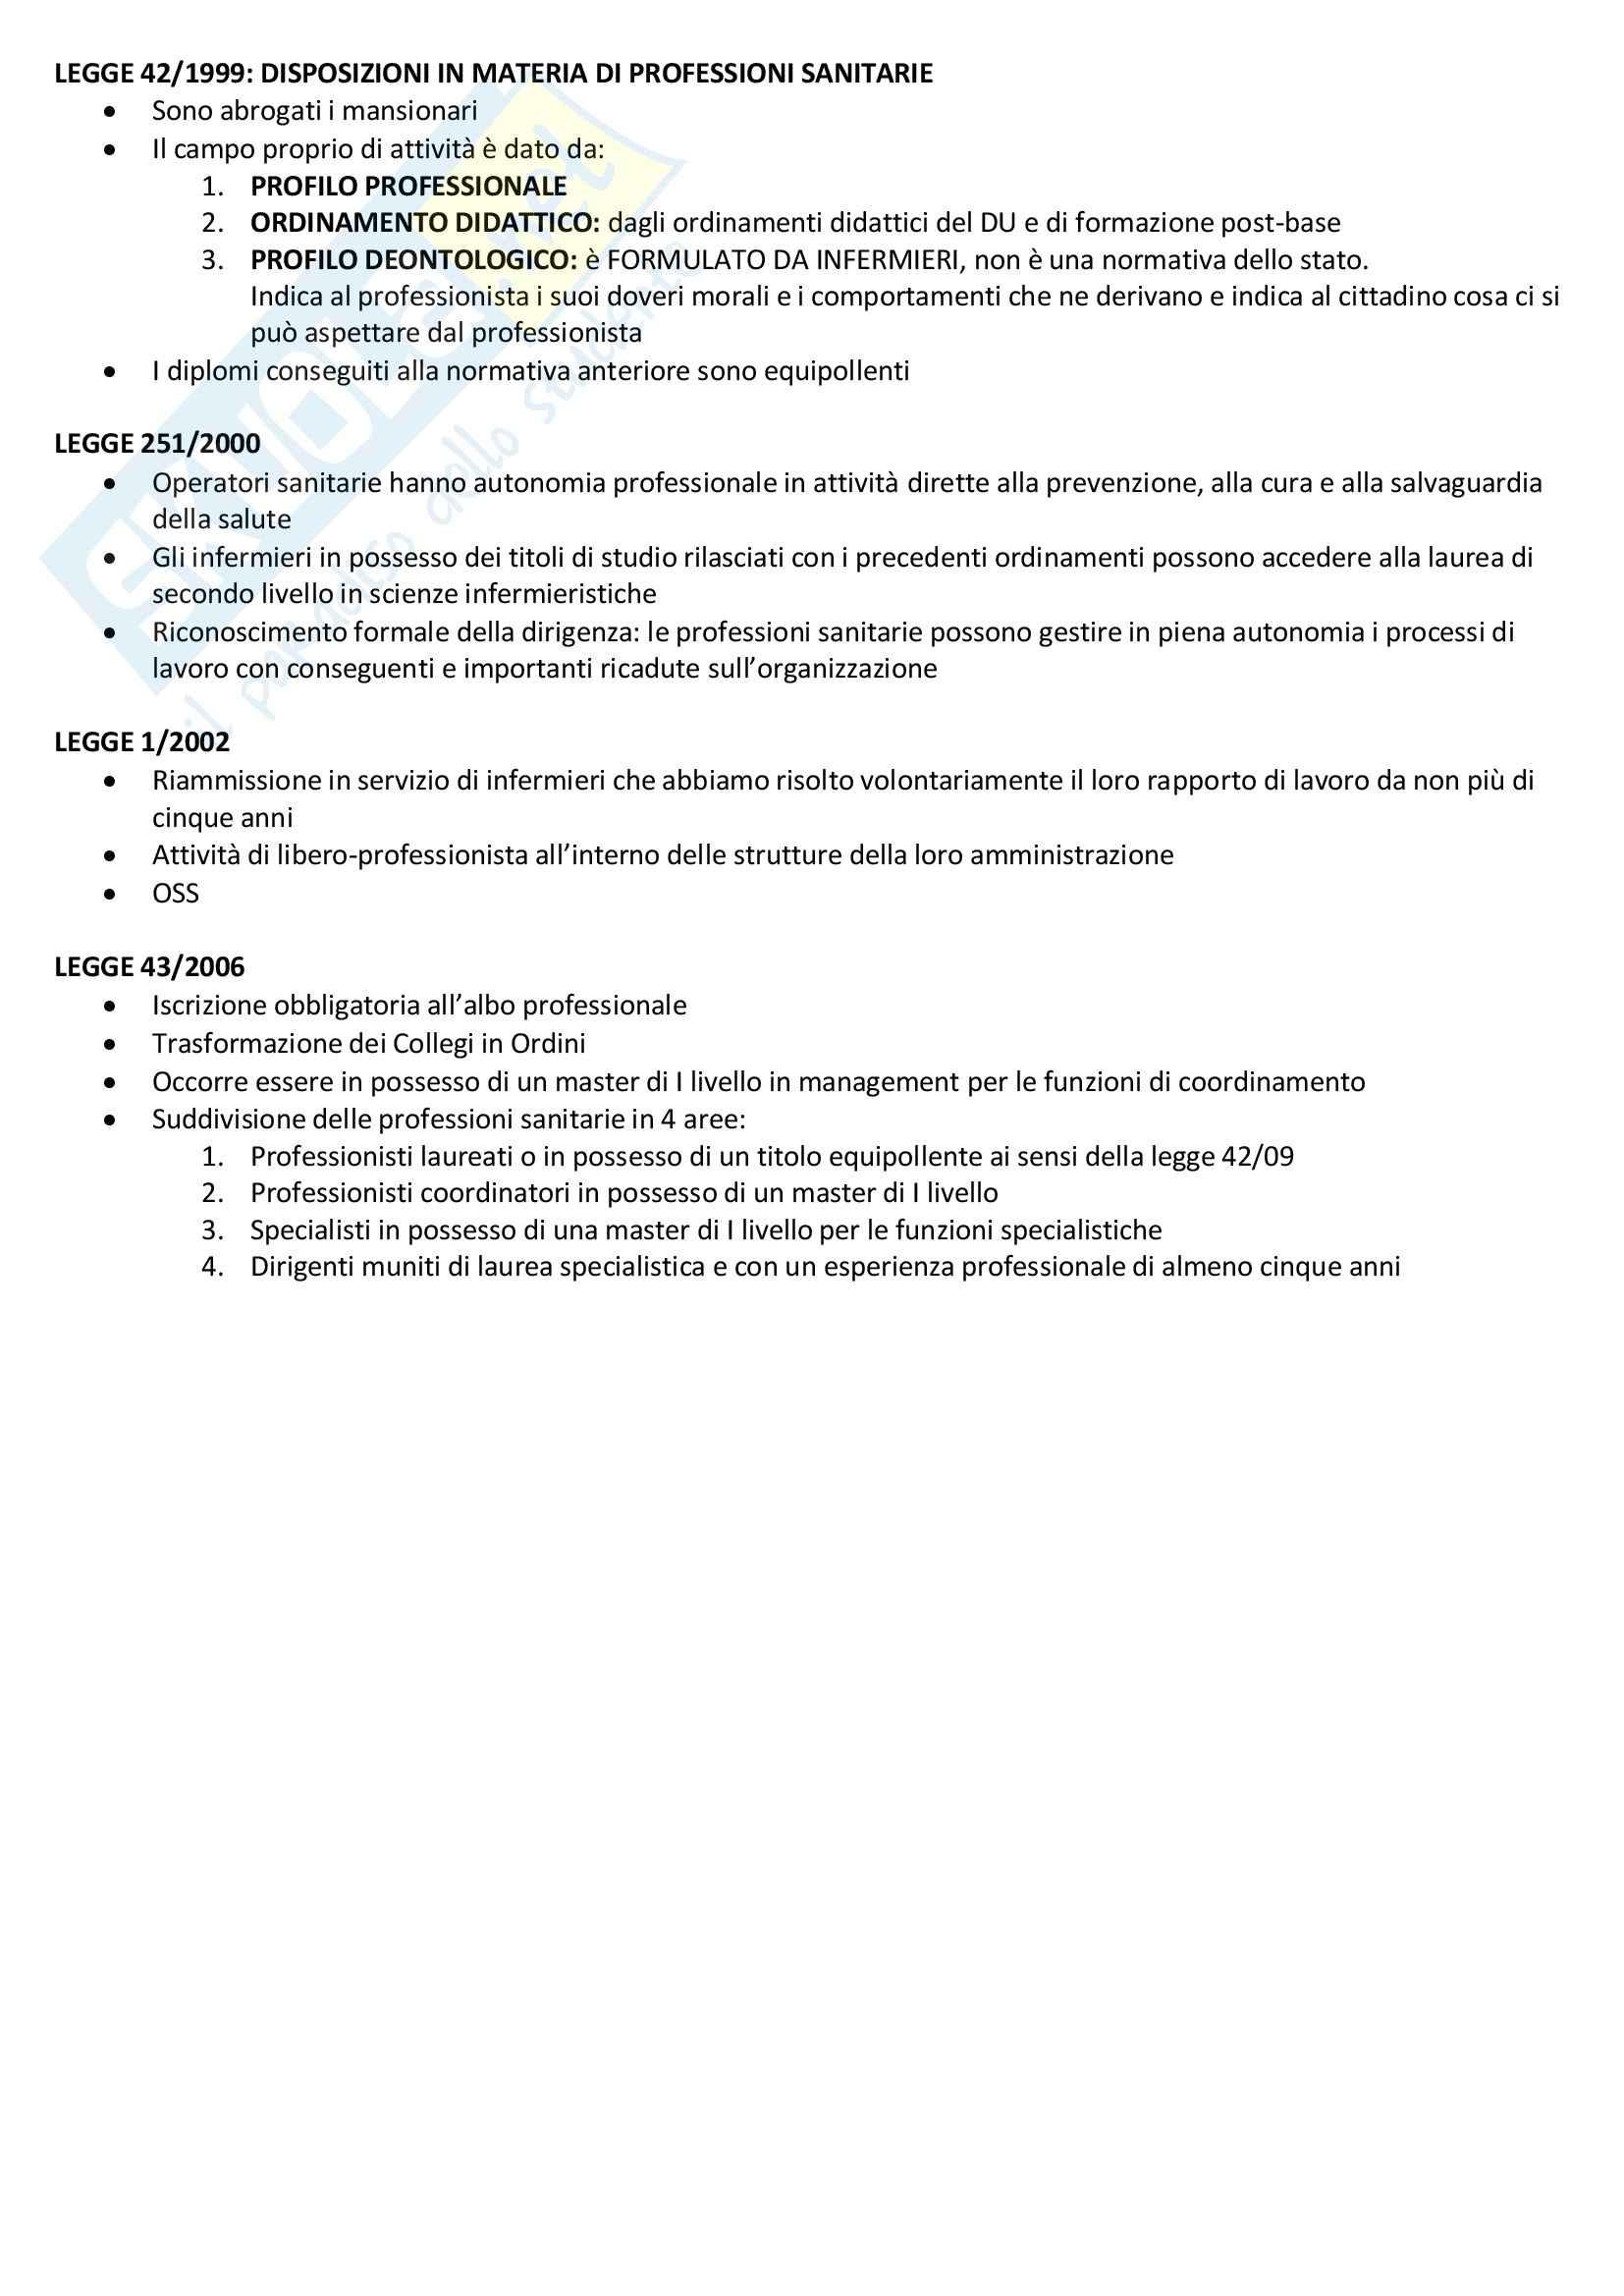 Riassunto esame Fondamenti di Scienze infermieristiche e ostetriche, prof. Citterio Pag. 21